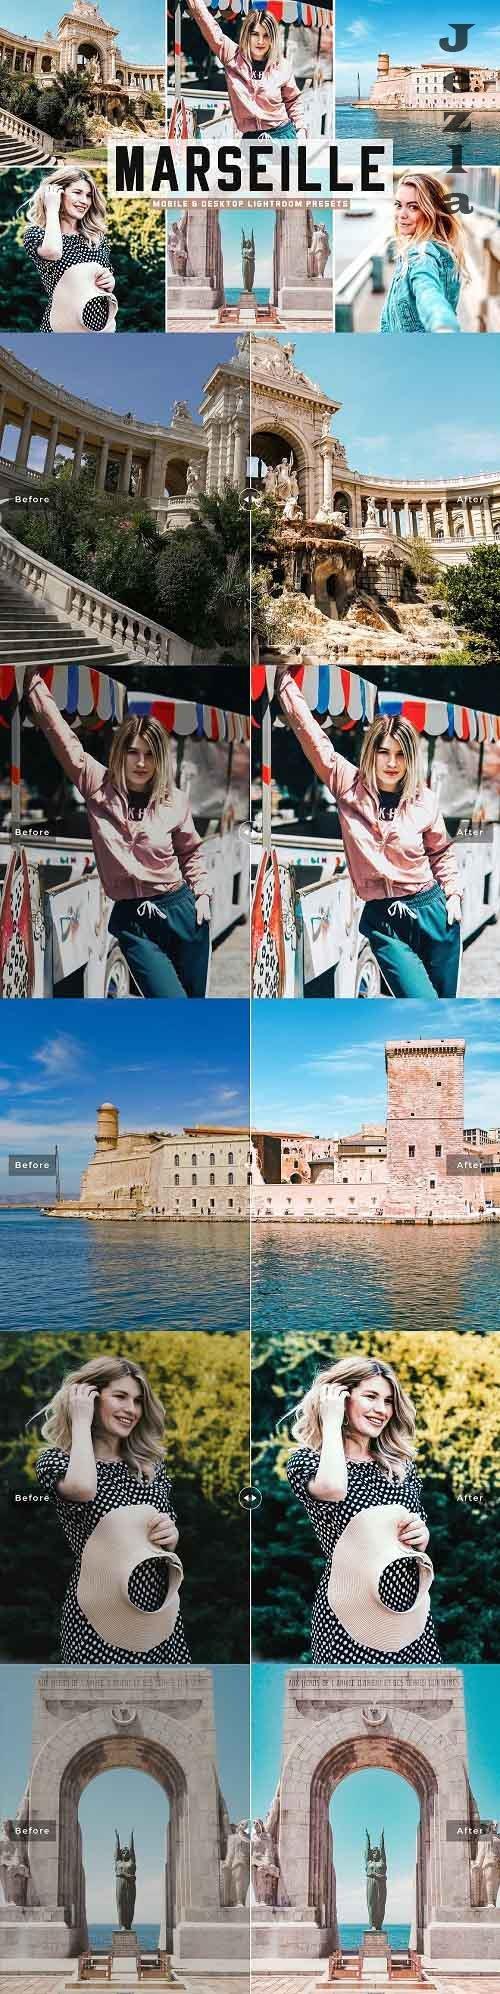 Marseille Pro Lightroom Presets - 5448339 - Mobile & Desktop